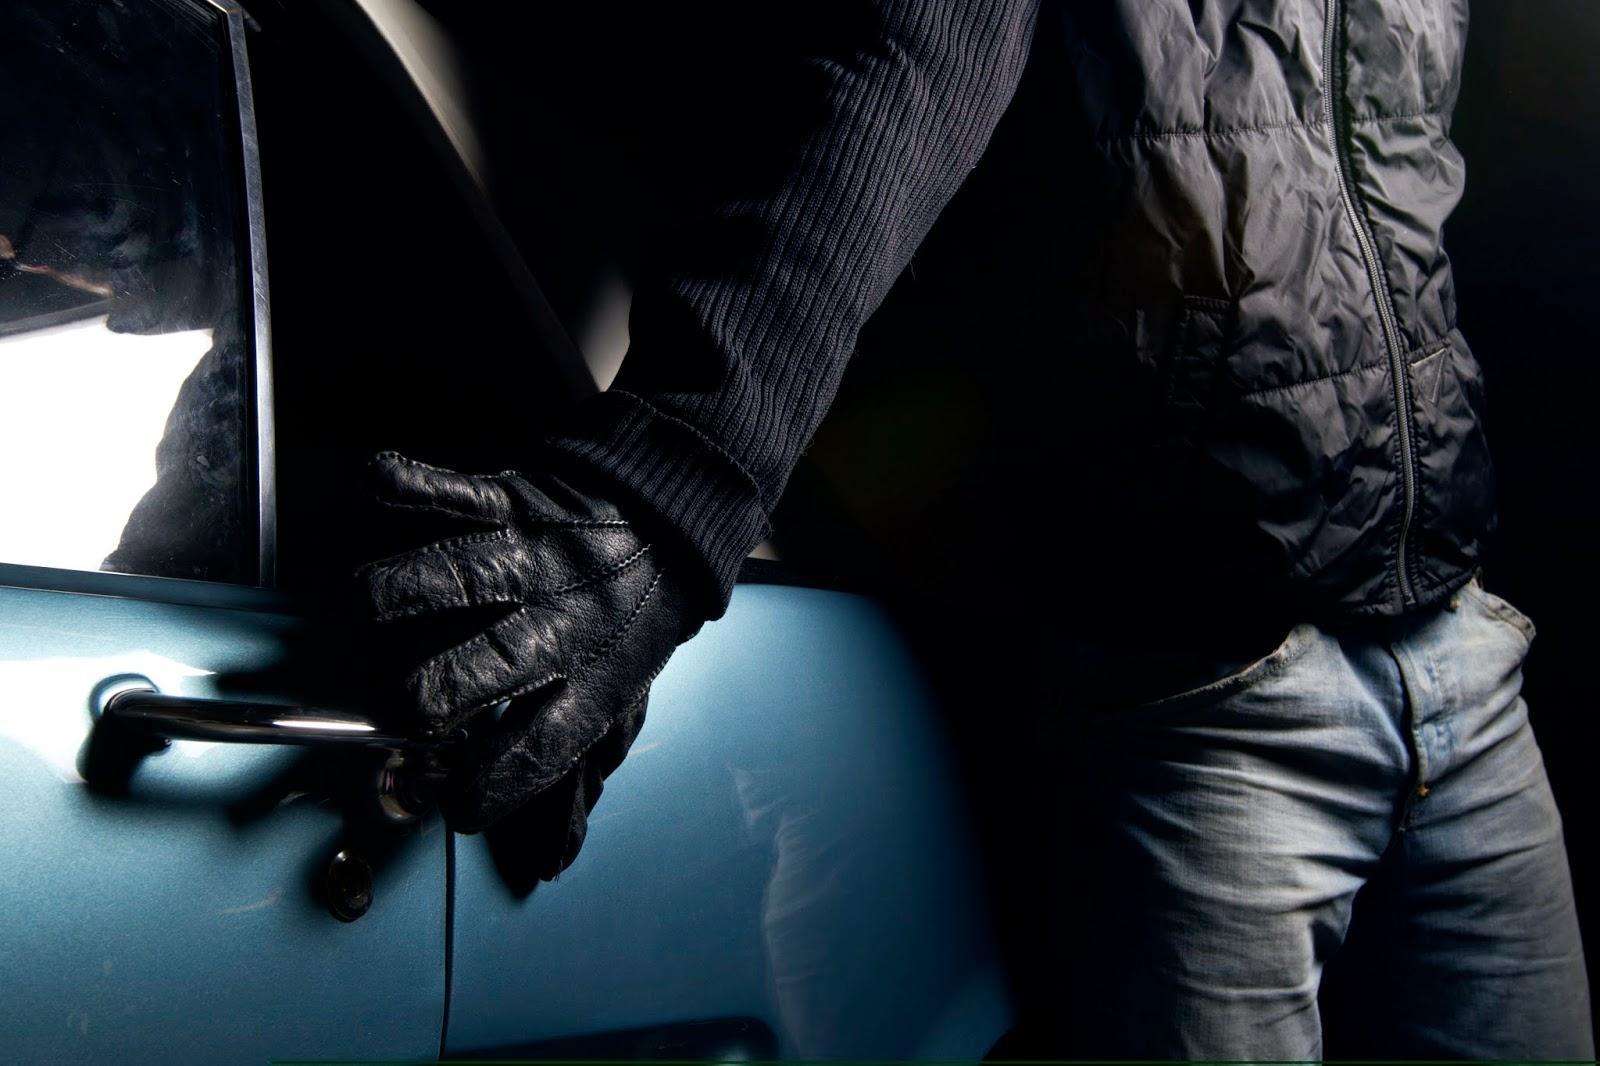 Thief reaching to open car door